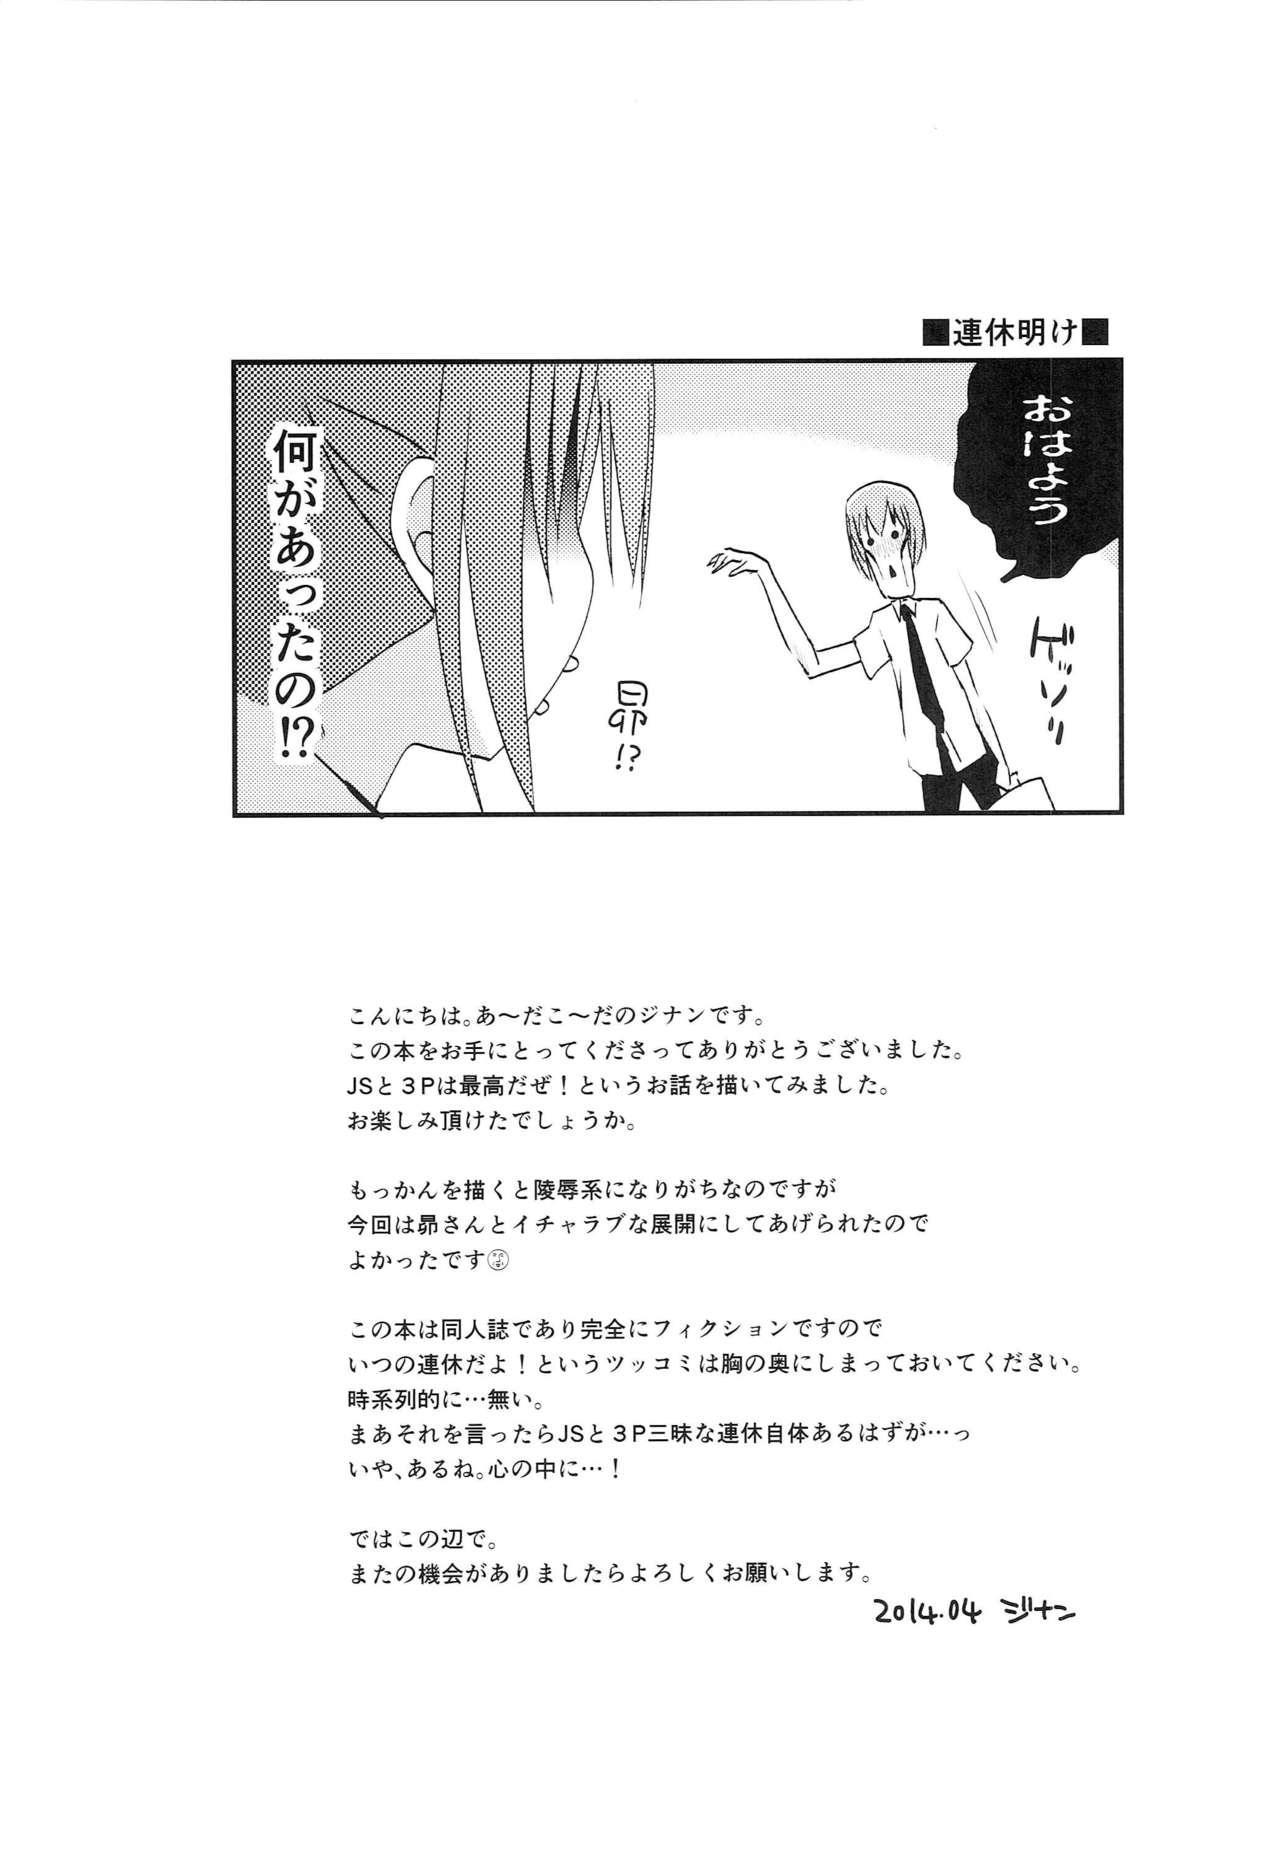 Tomoka to Mimi no Otomari 3P 31